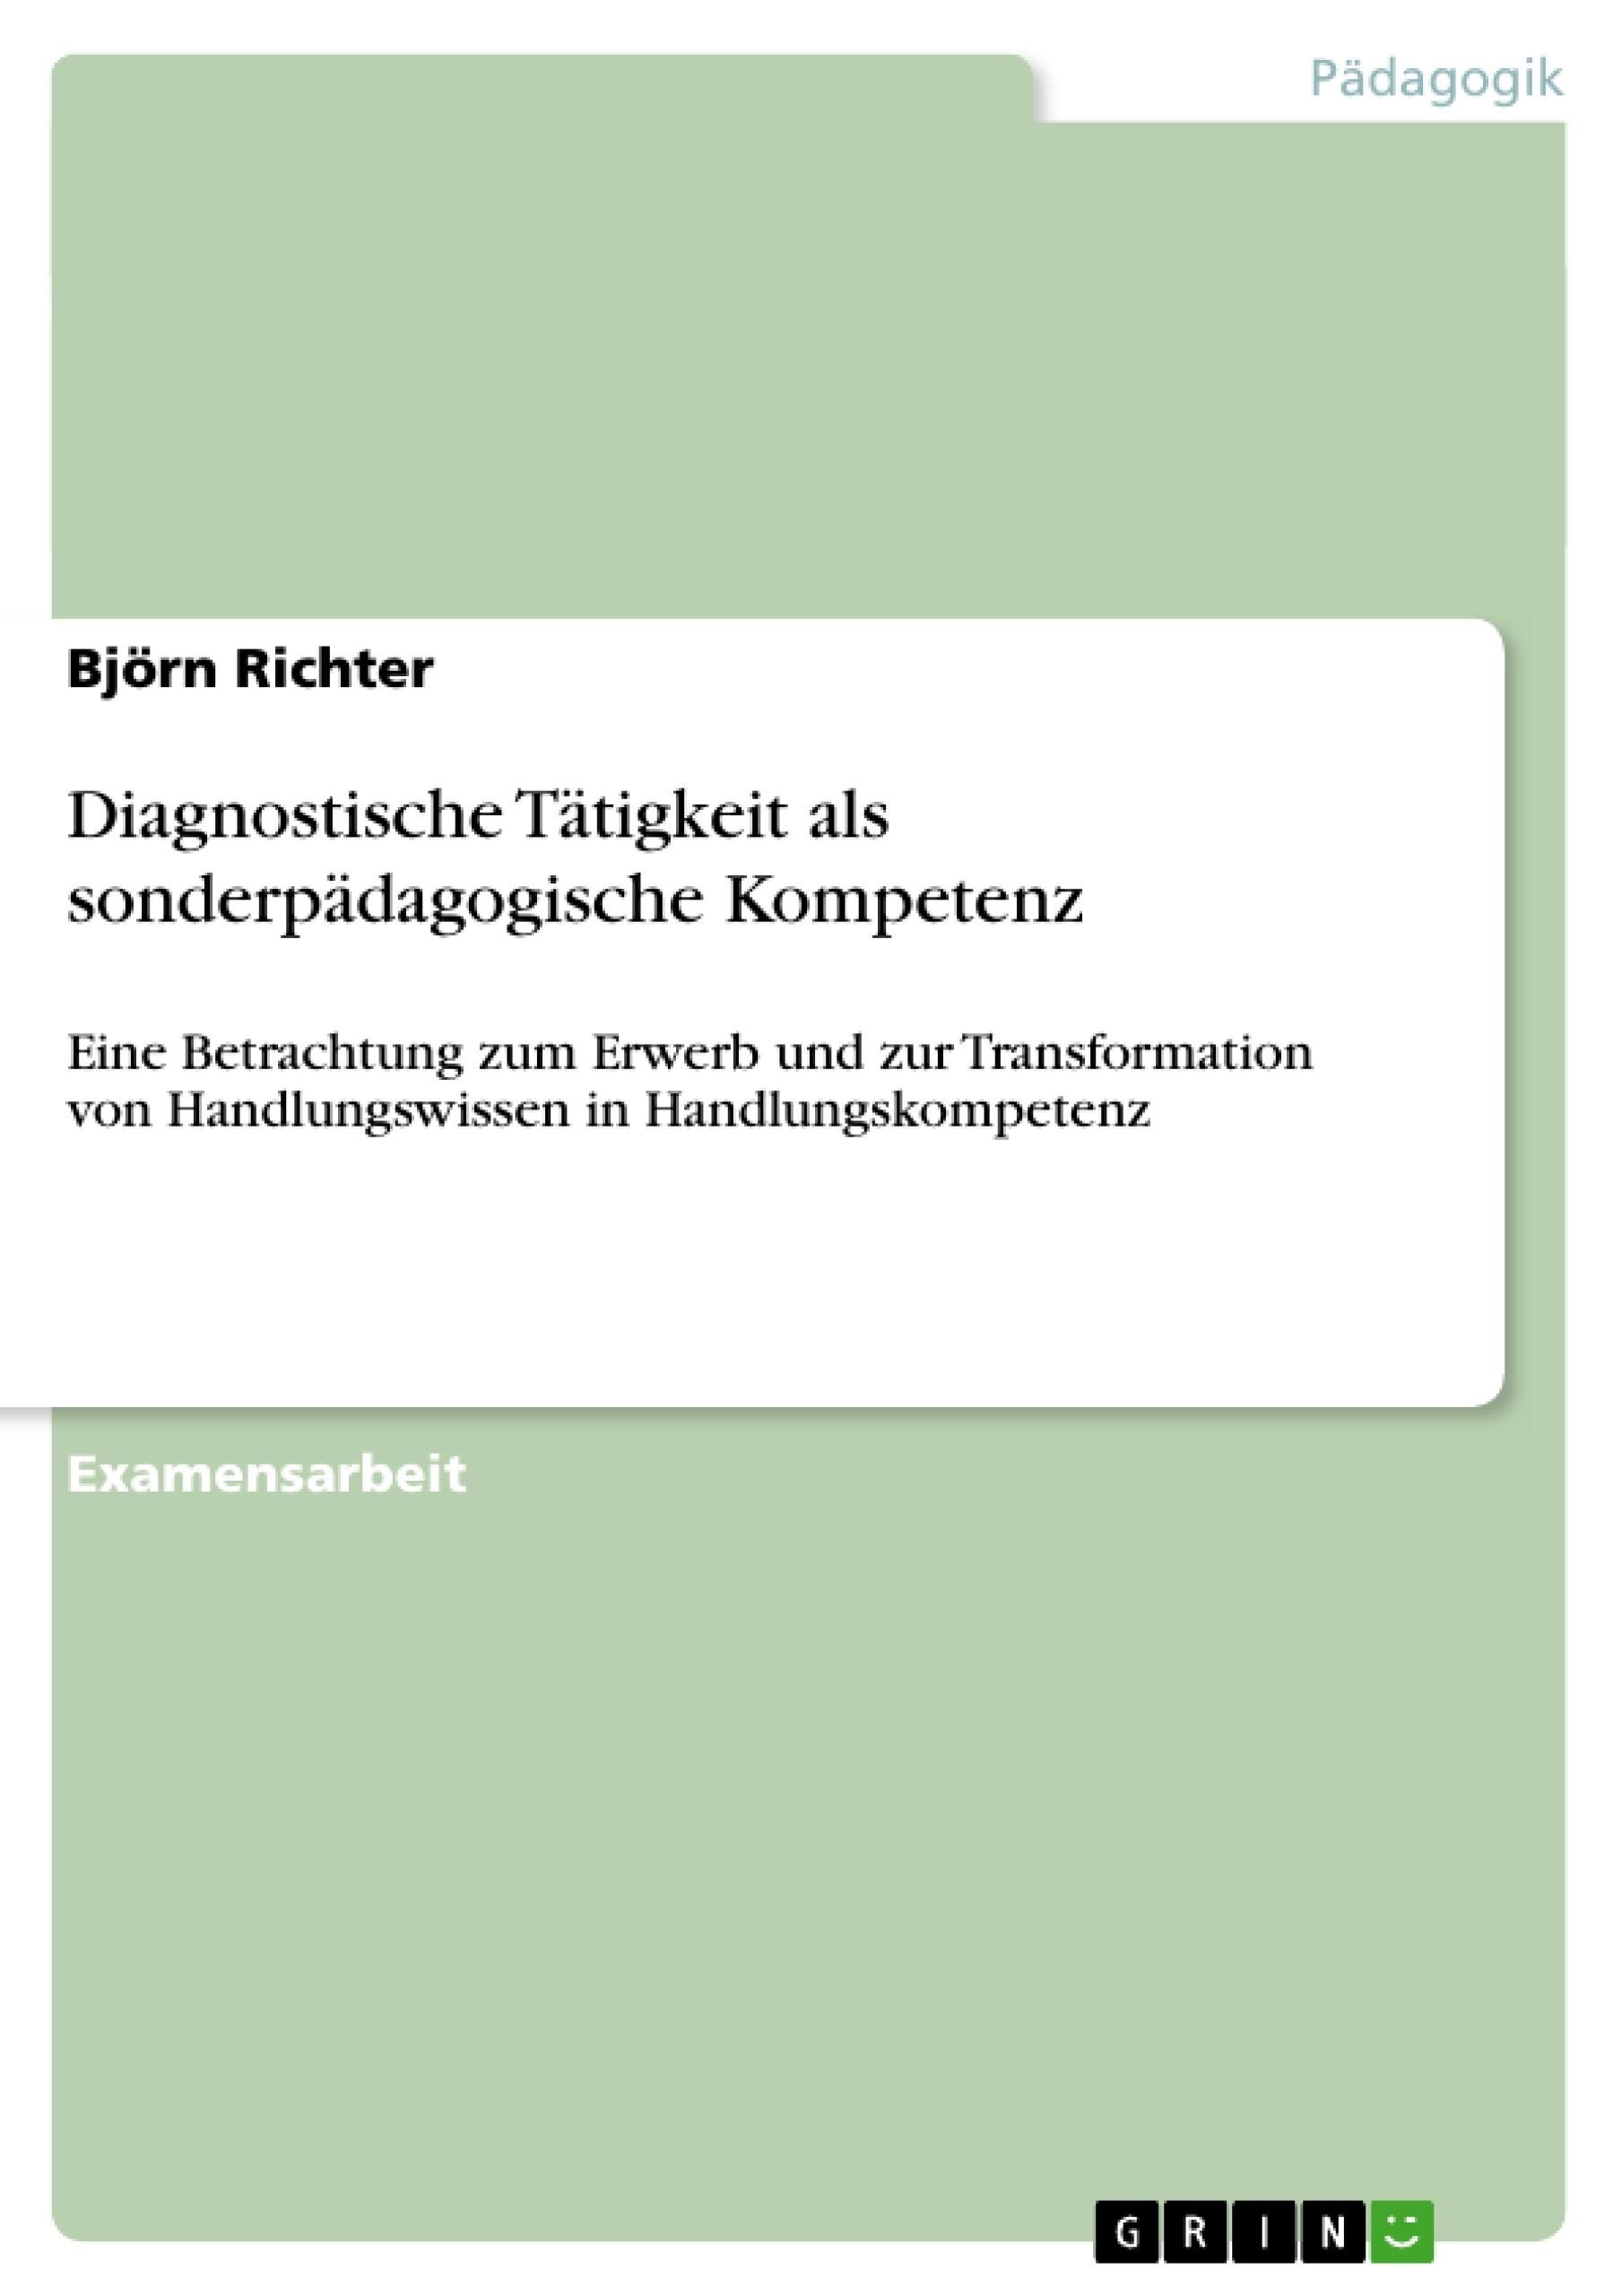 Titel: Diagnostische Tätigkeit als sonderpädagogische Kompetenz